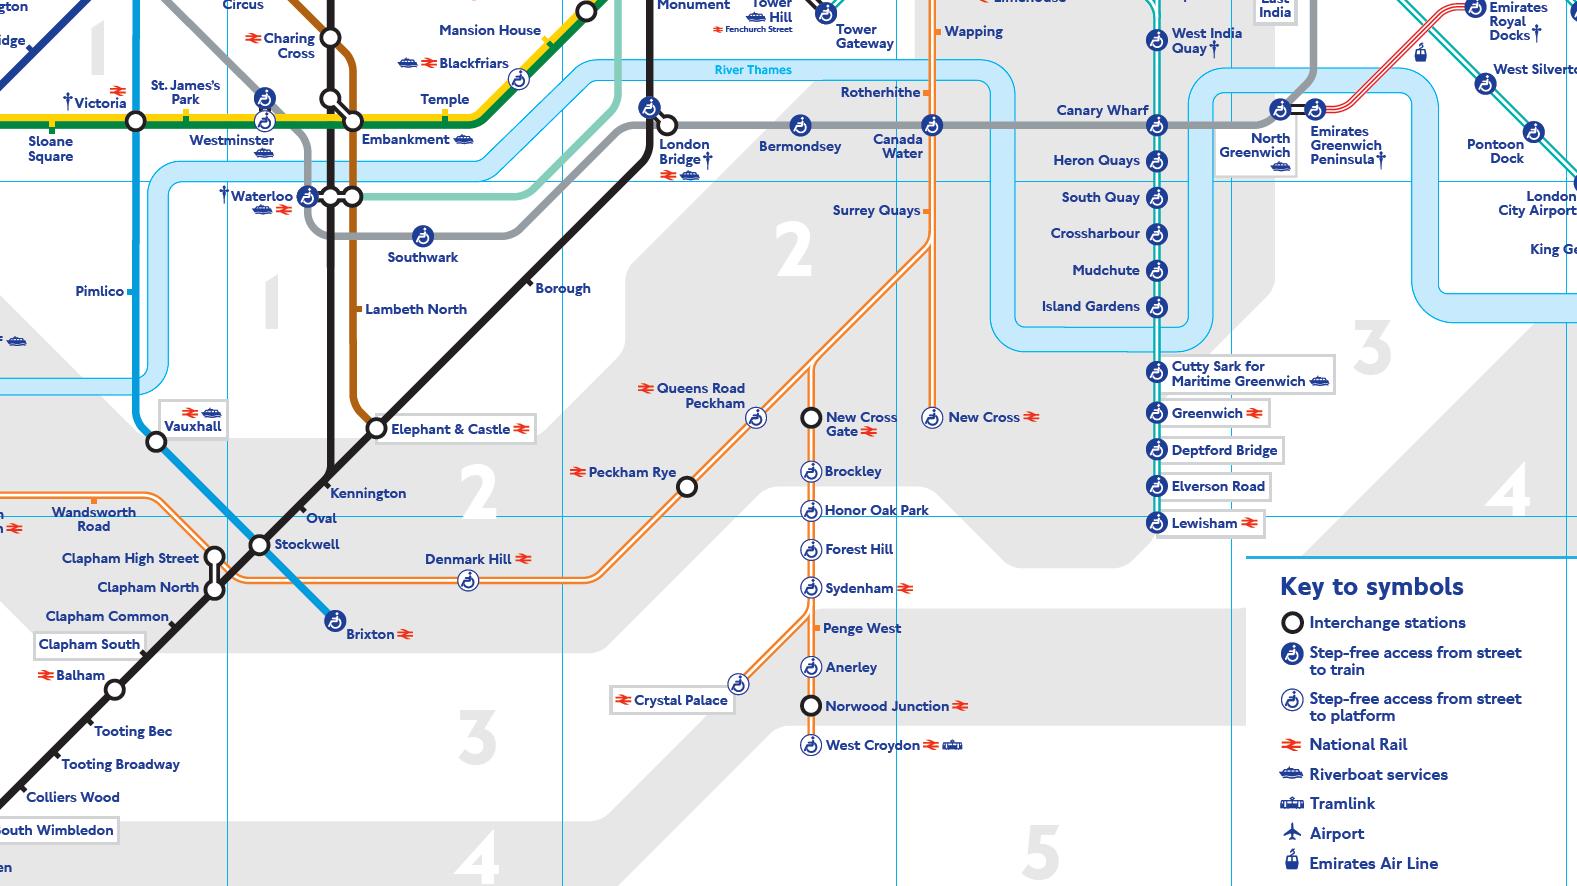 Výřez z mapy londýnského metra. Na levé straně můžete vidět současnou konečnou stanici hnědé trasy Bakerloo Line (Elephant & Castle), na pravé straně pak konečnou Lewisham systému DLR. Právě do Lewishamu by mělo prodloužení Bakerloo Line zamířit. (zdroj: TfL)